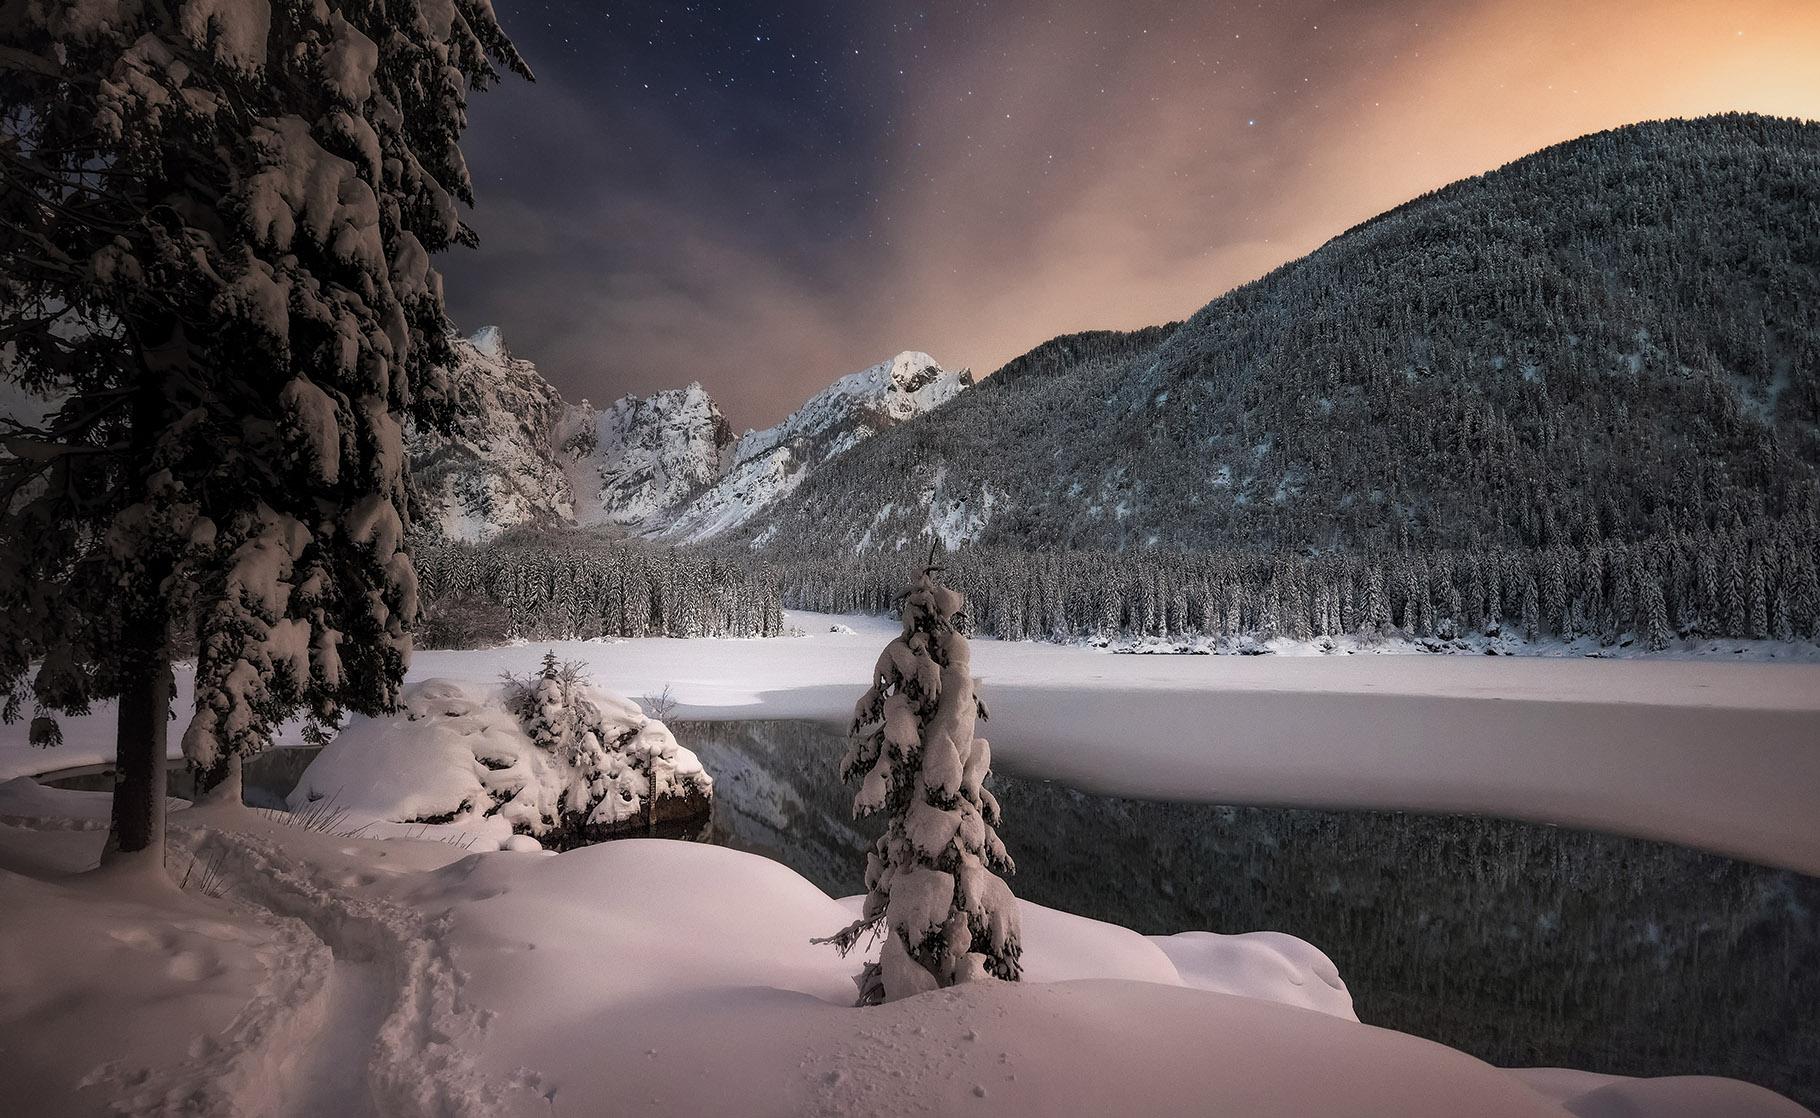 Zgornje Belopeško jezero v mrzli noči